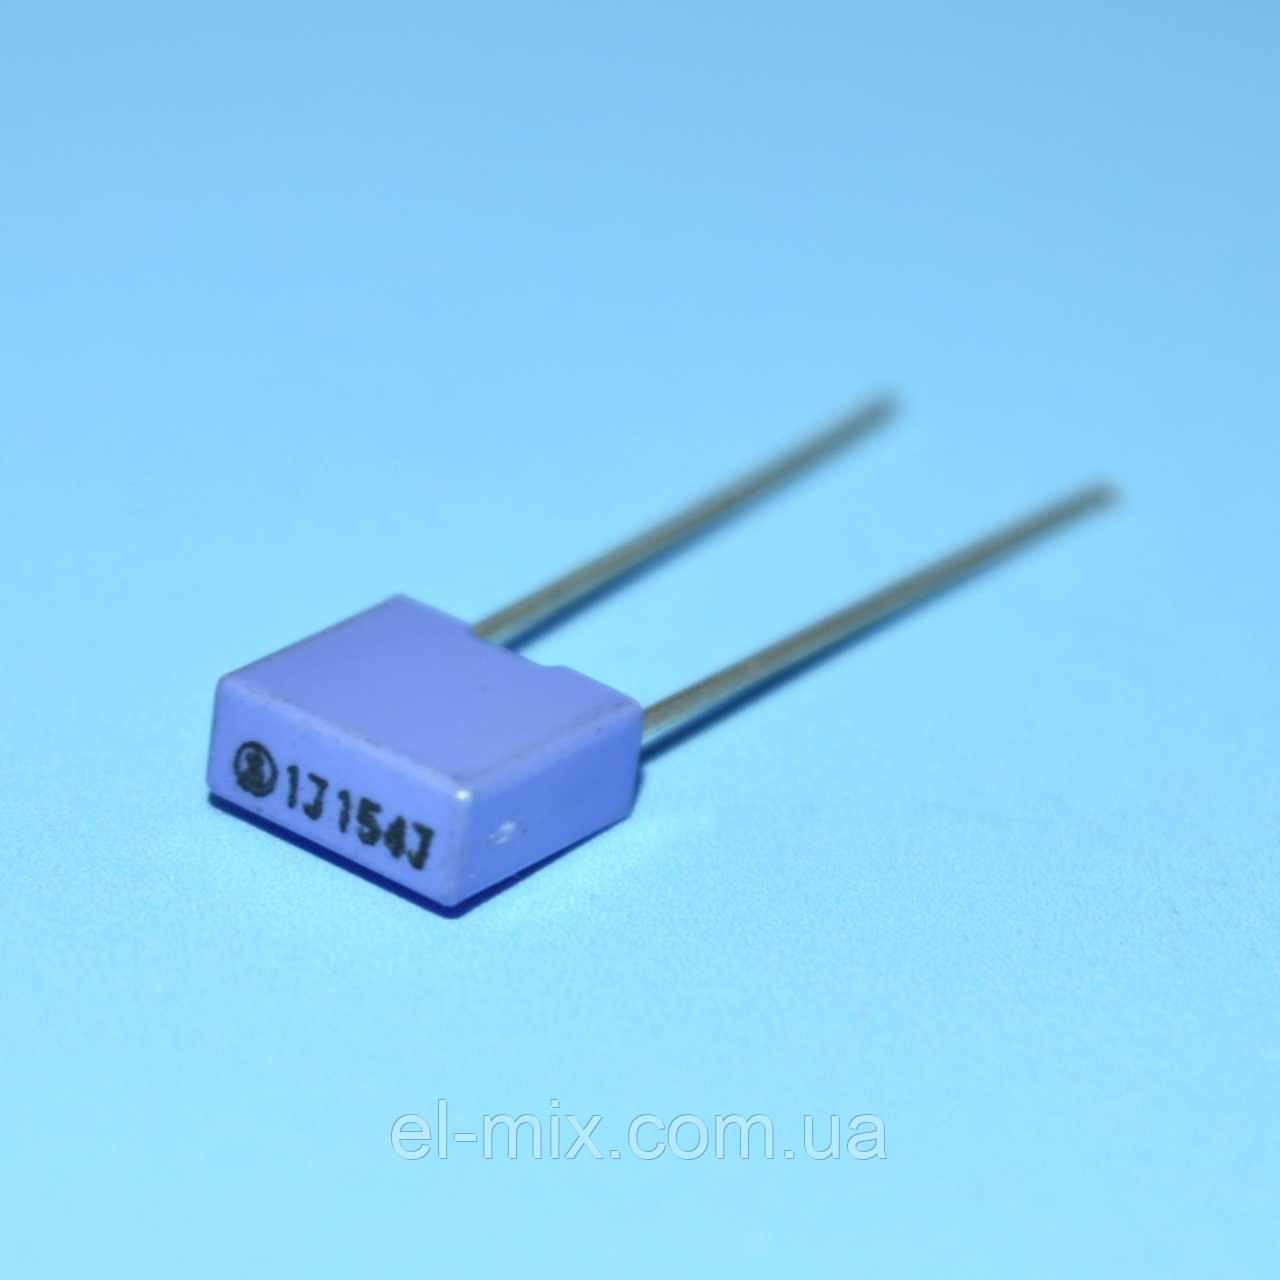 Конденсатор MKT  0.15µF  63V 5% прямоугольный EB 1J154J  Samwha